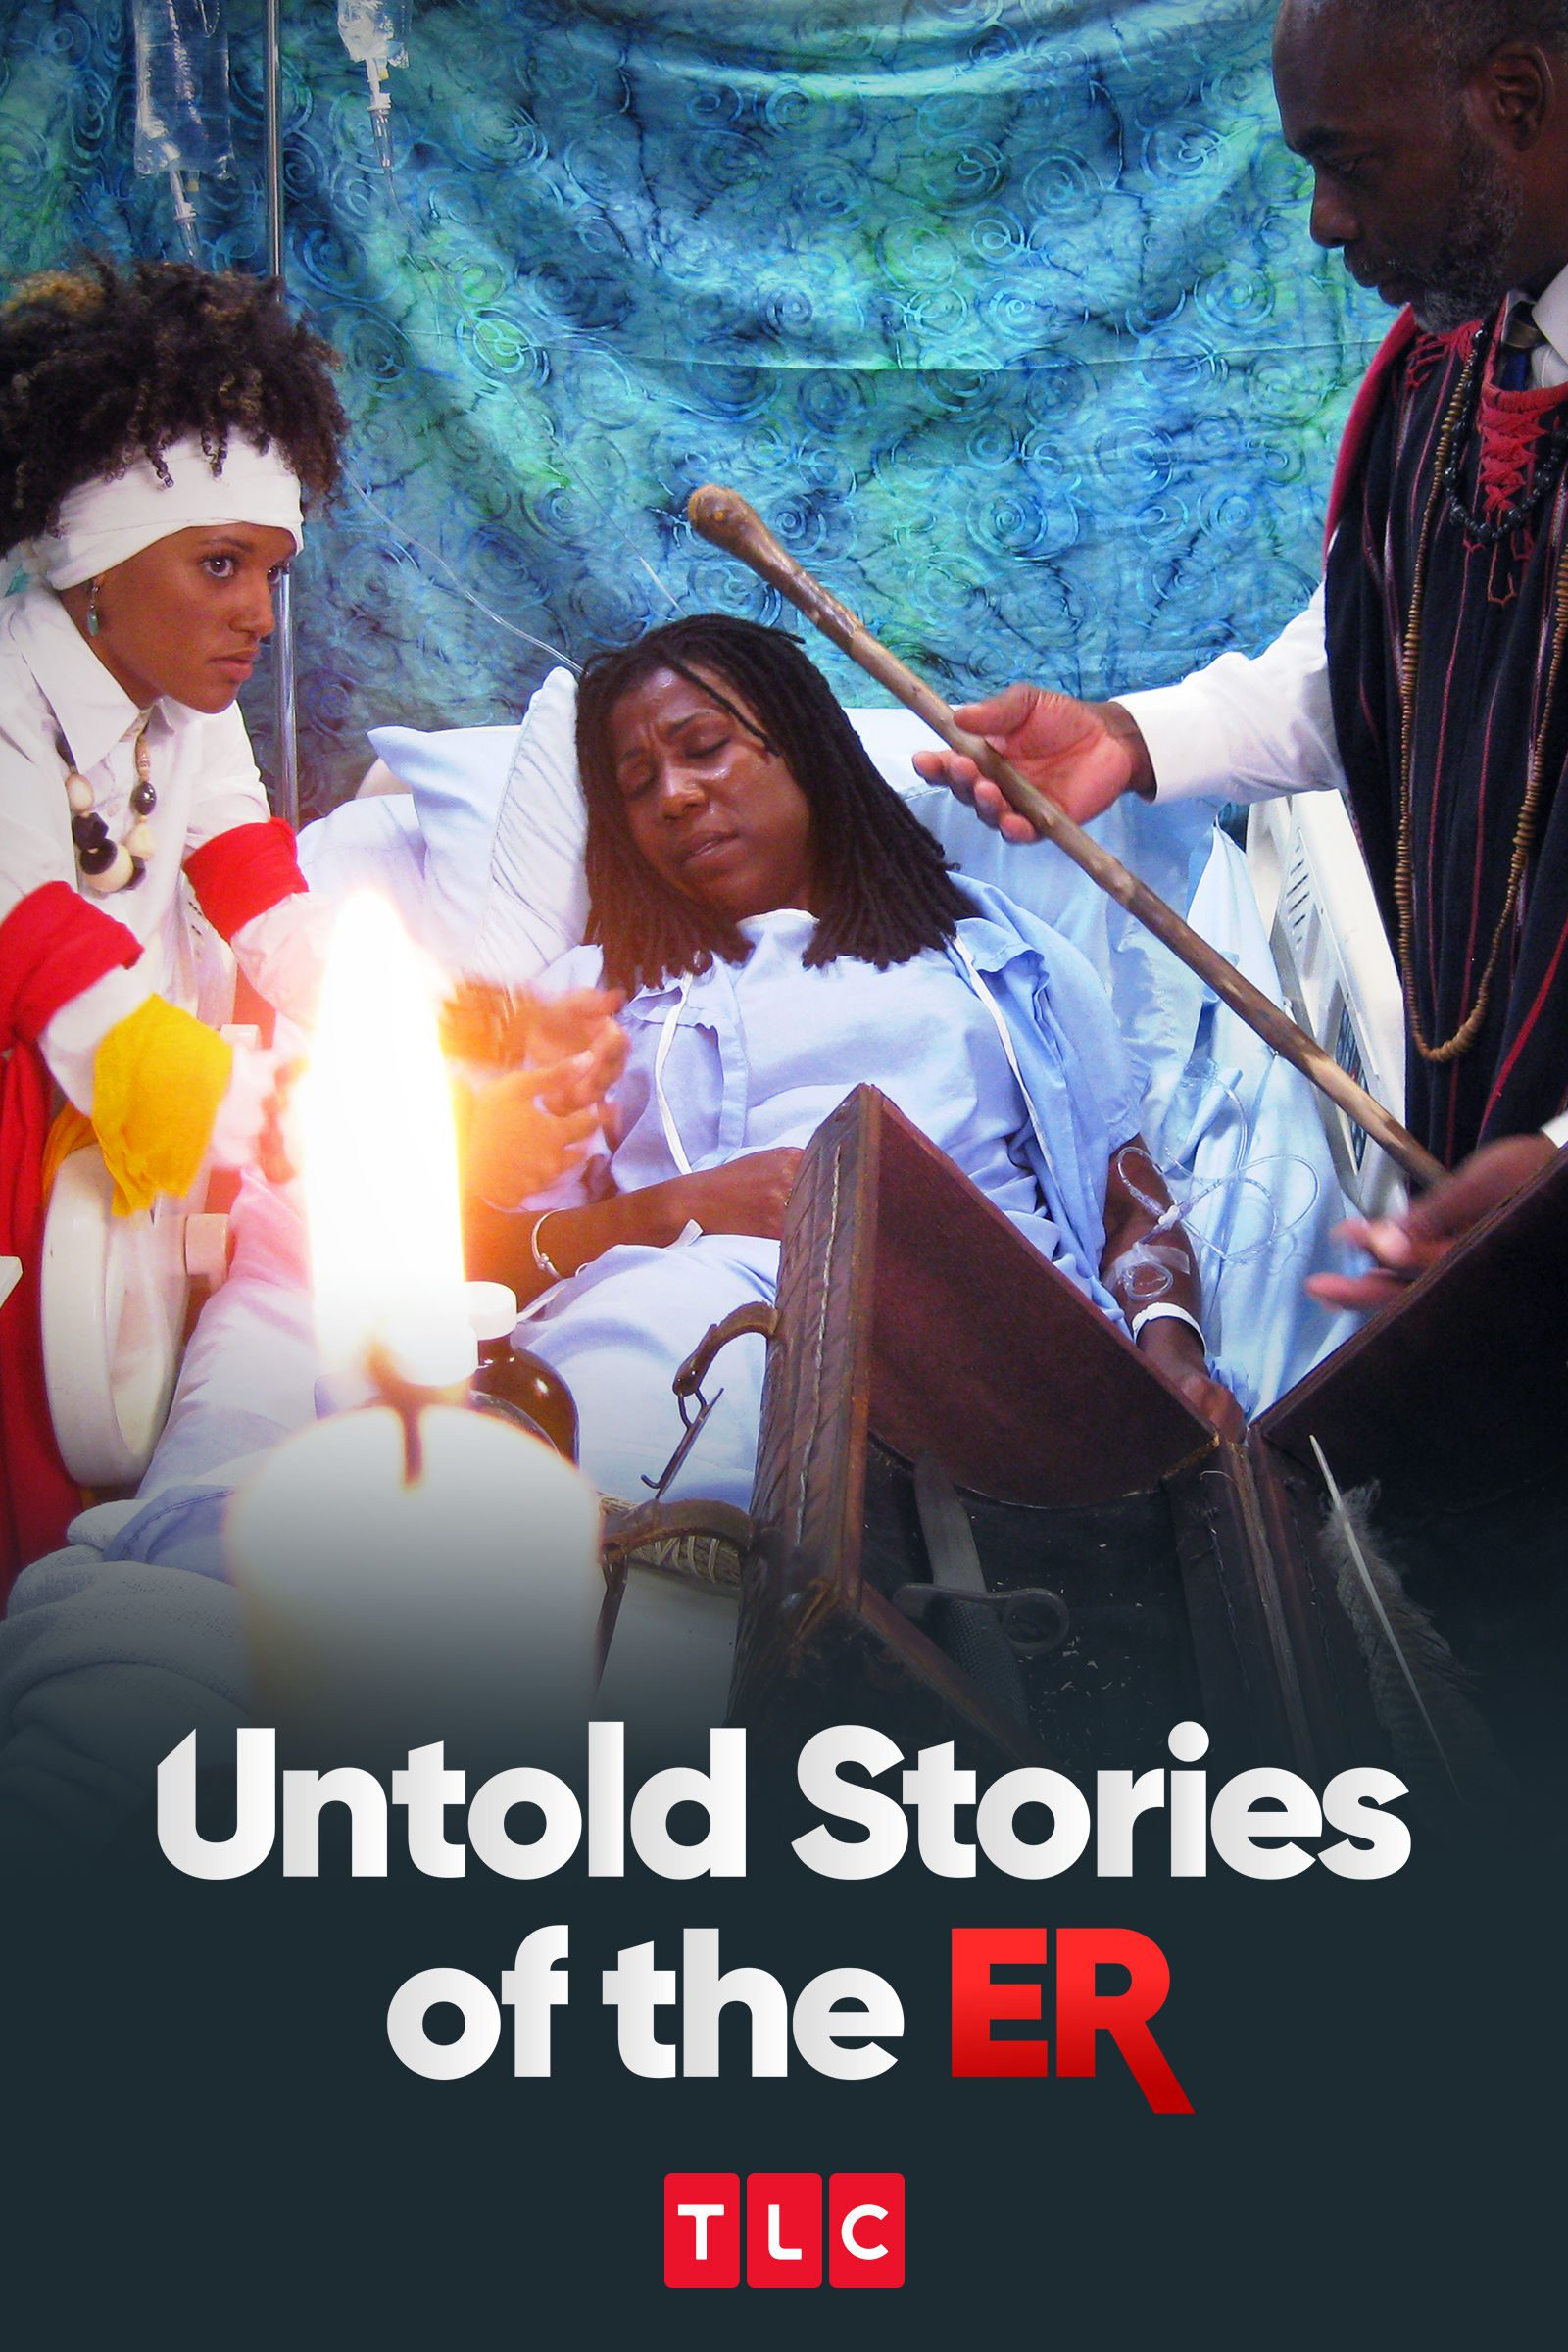 Untold Stories of the ER teaser image